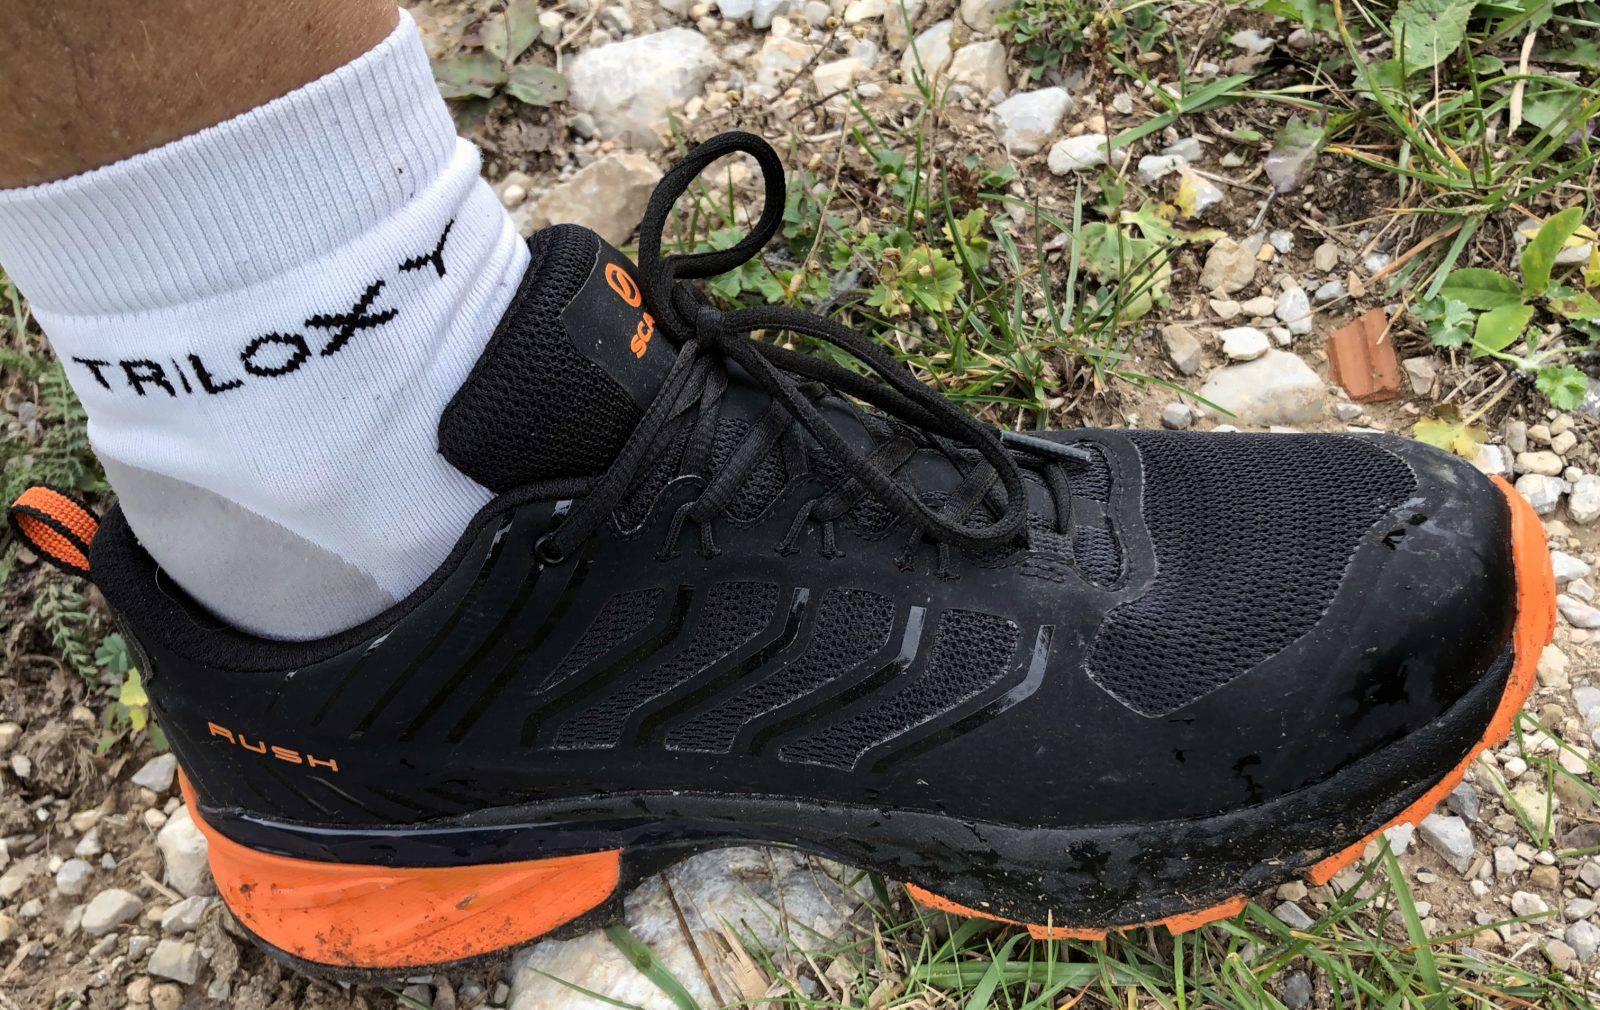 Le calze tecniche Triloxy ai piedi dei tester per assicurare la massima precisione nelle valutazioni, con un confort senza pari